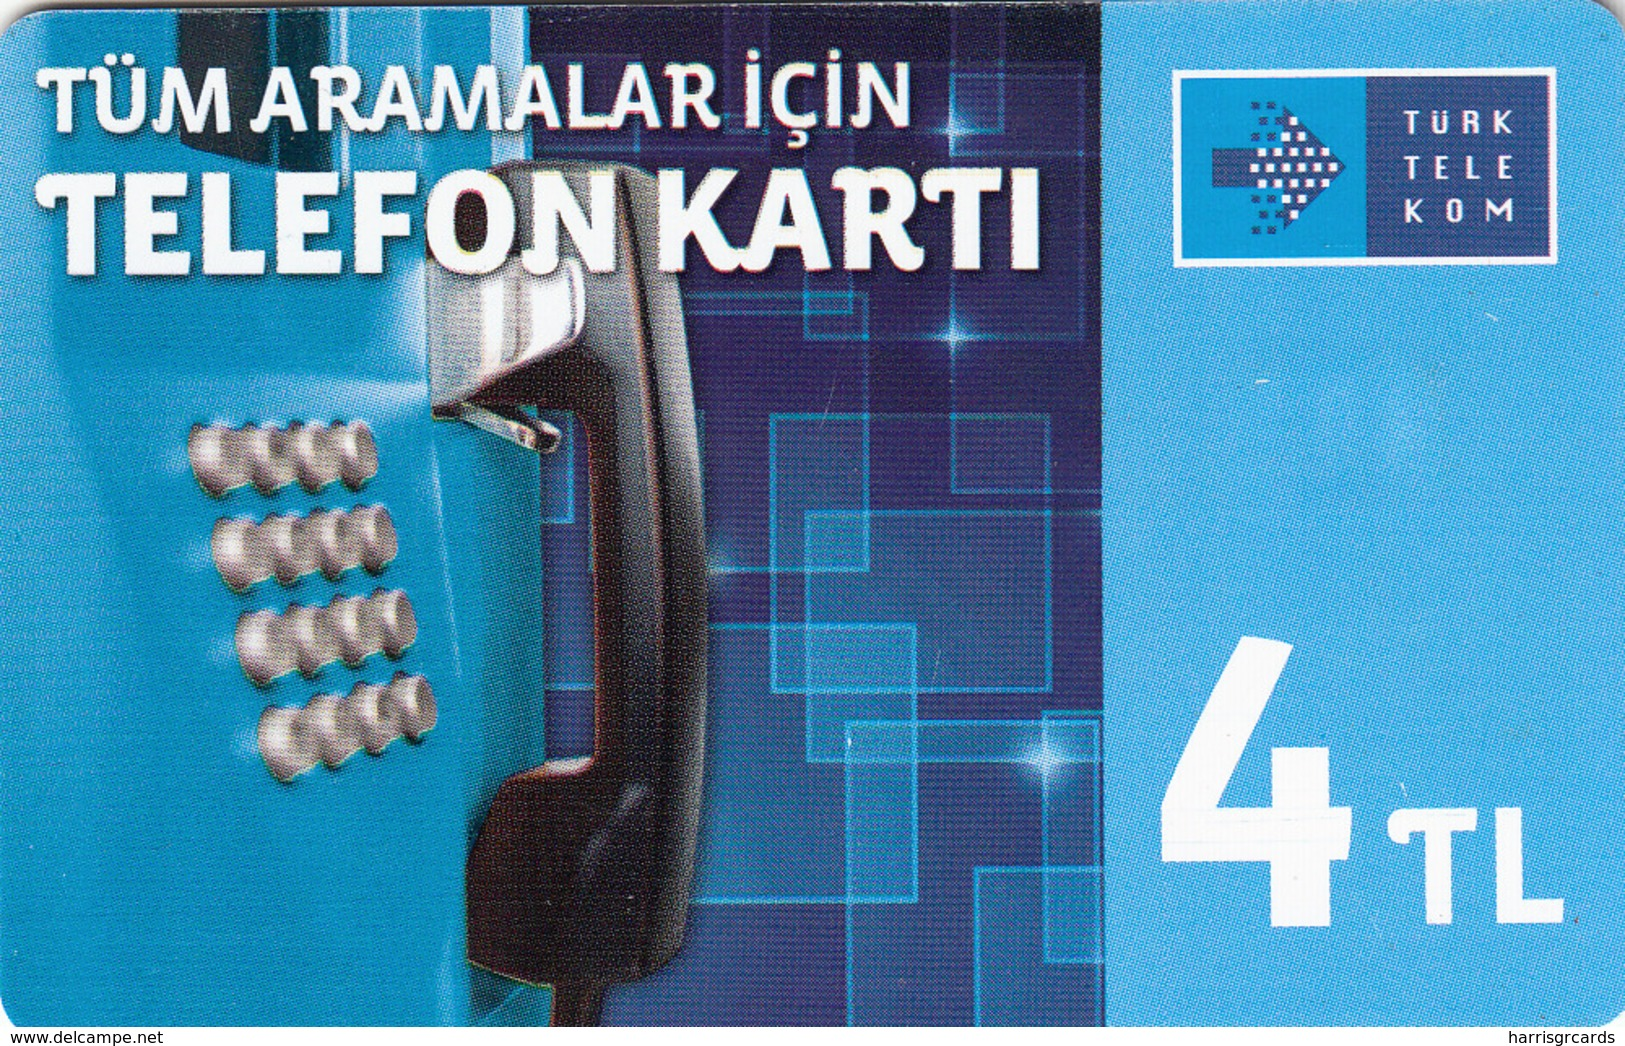 TURKEY - Tüm Aramalar İçin Arama Kartı , Kasım 2014, Gemplus - GEM5 (Red) , 4 ₤ - Turkish Lira ,06/12, Used - Turchia